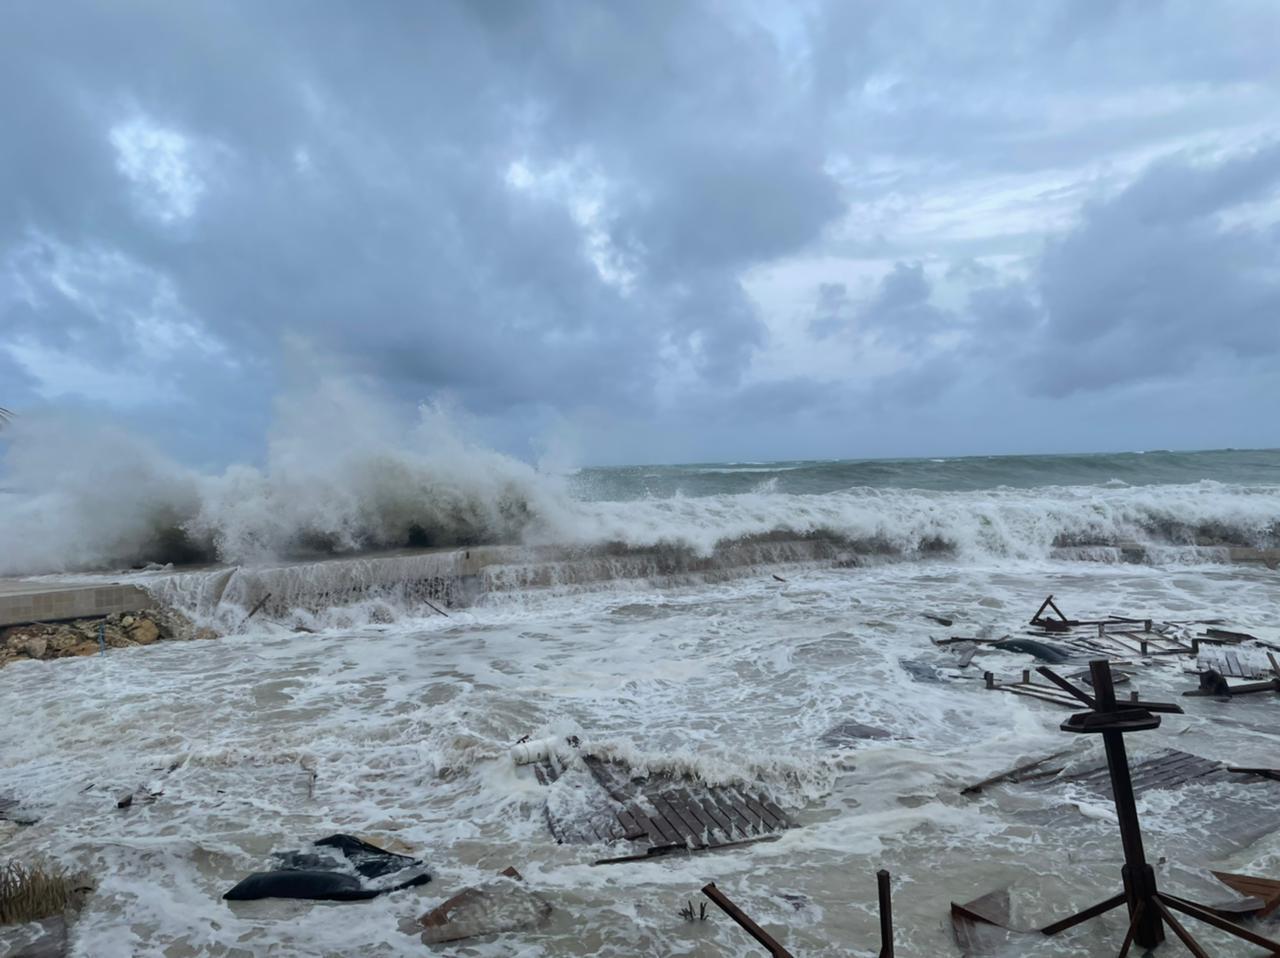 [VIDEOS] La plage de la Toubana détruite par les vagues